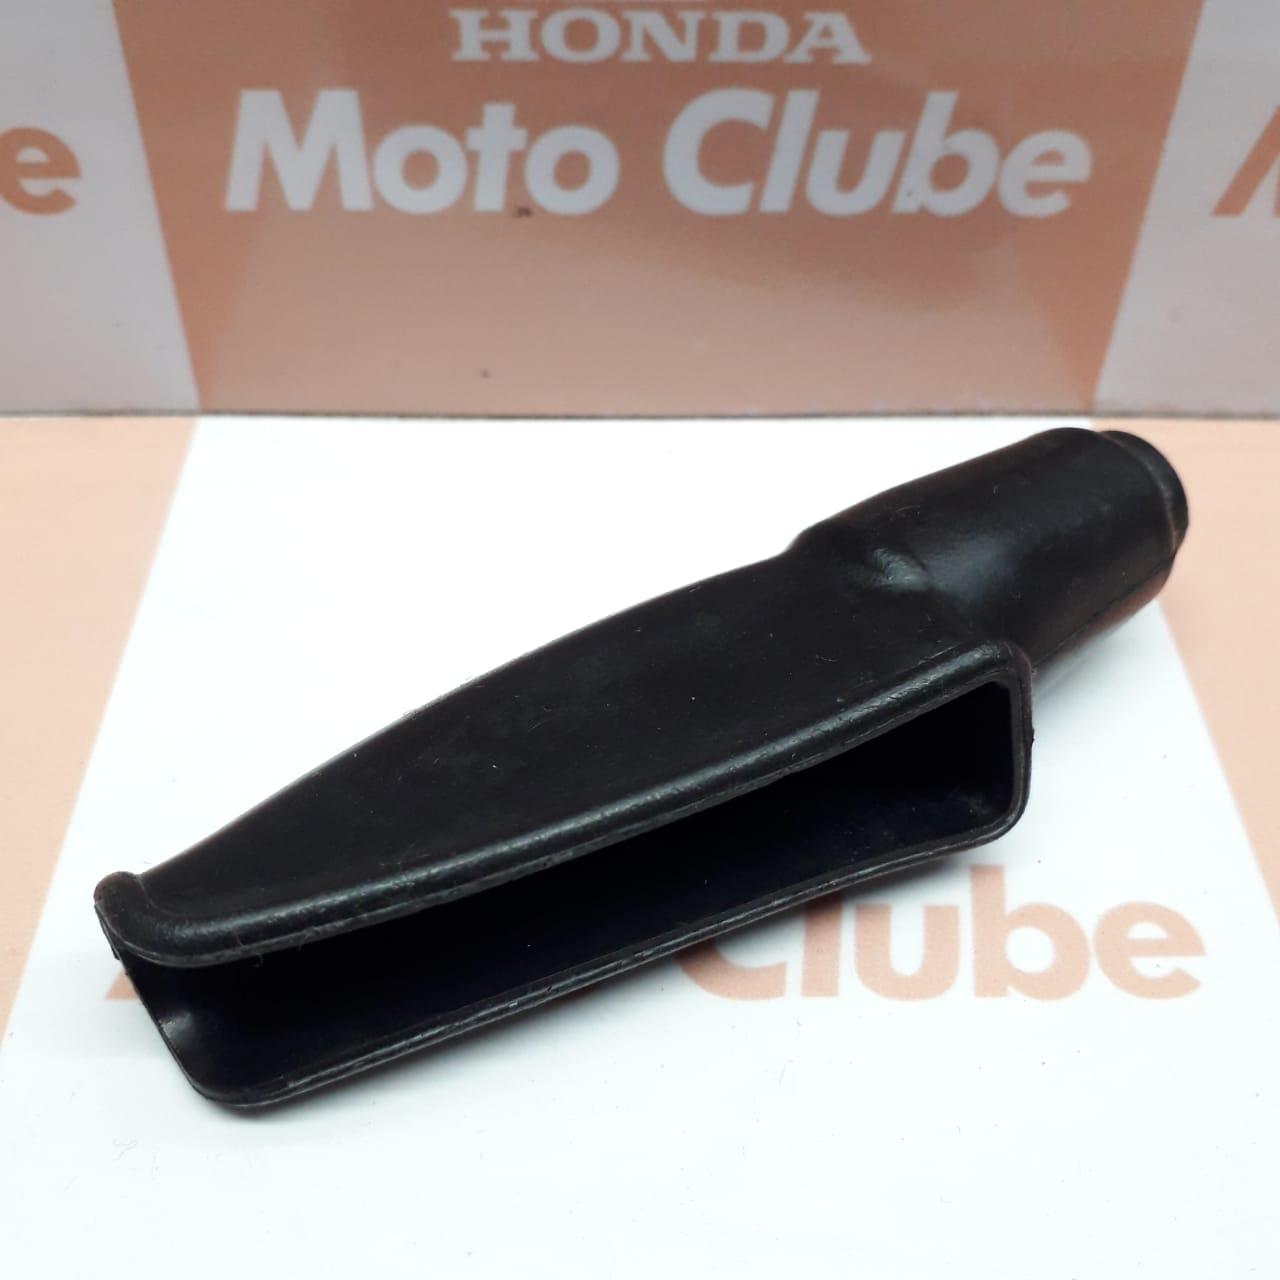 Capa Alavanca Esquerda CBX TWISTER 250 2001 2002 2003 2004 2005 2006 2007 2008 Original Honda 53172402700